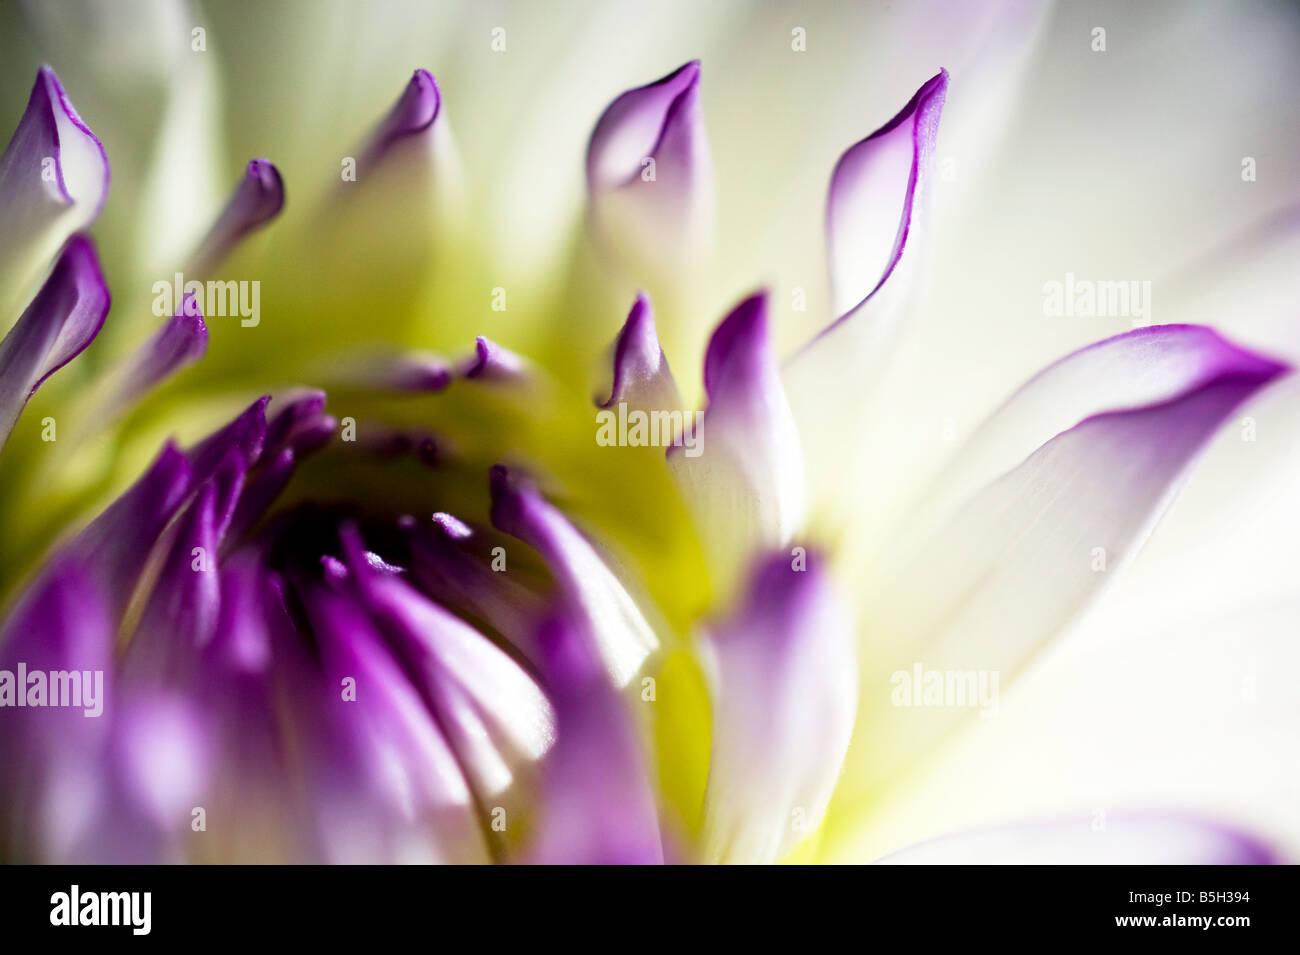 Nahaufnahme einer lila und weißen Blume Dahlie Stockbild